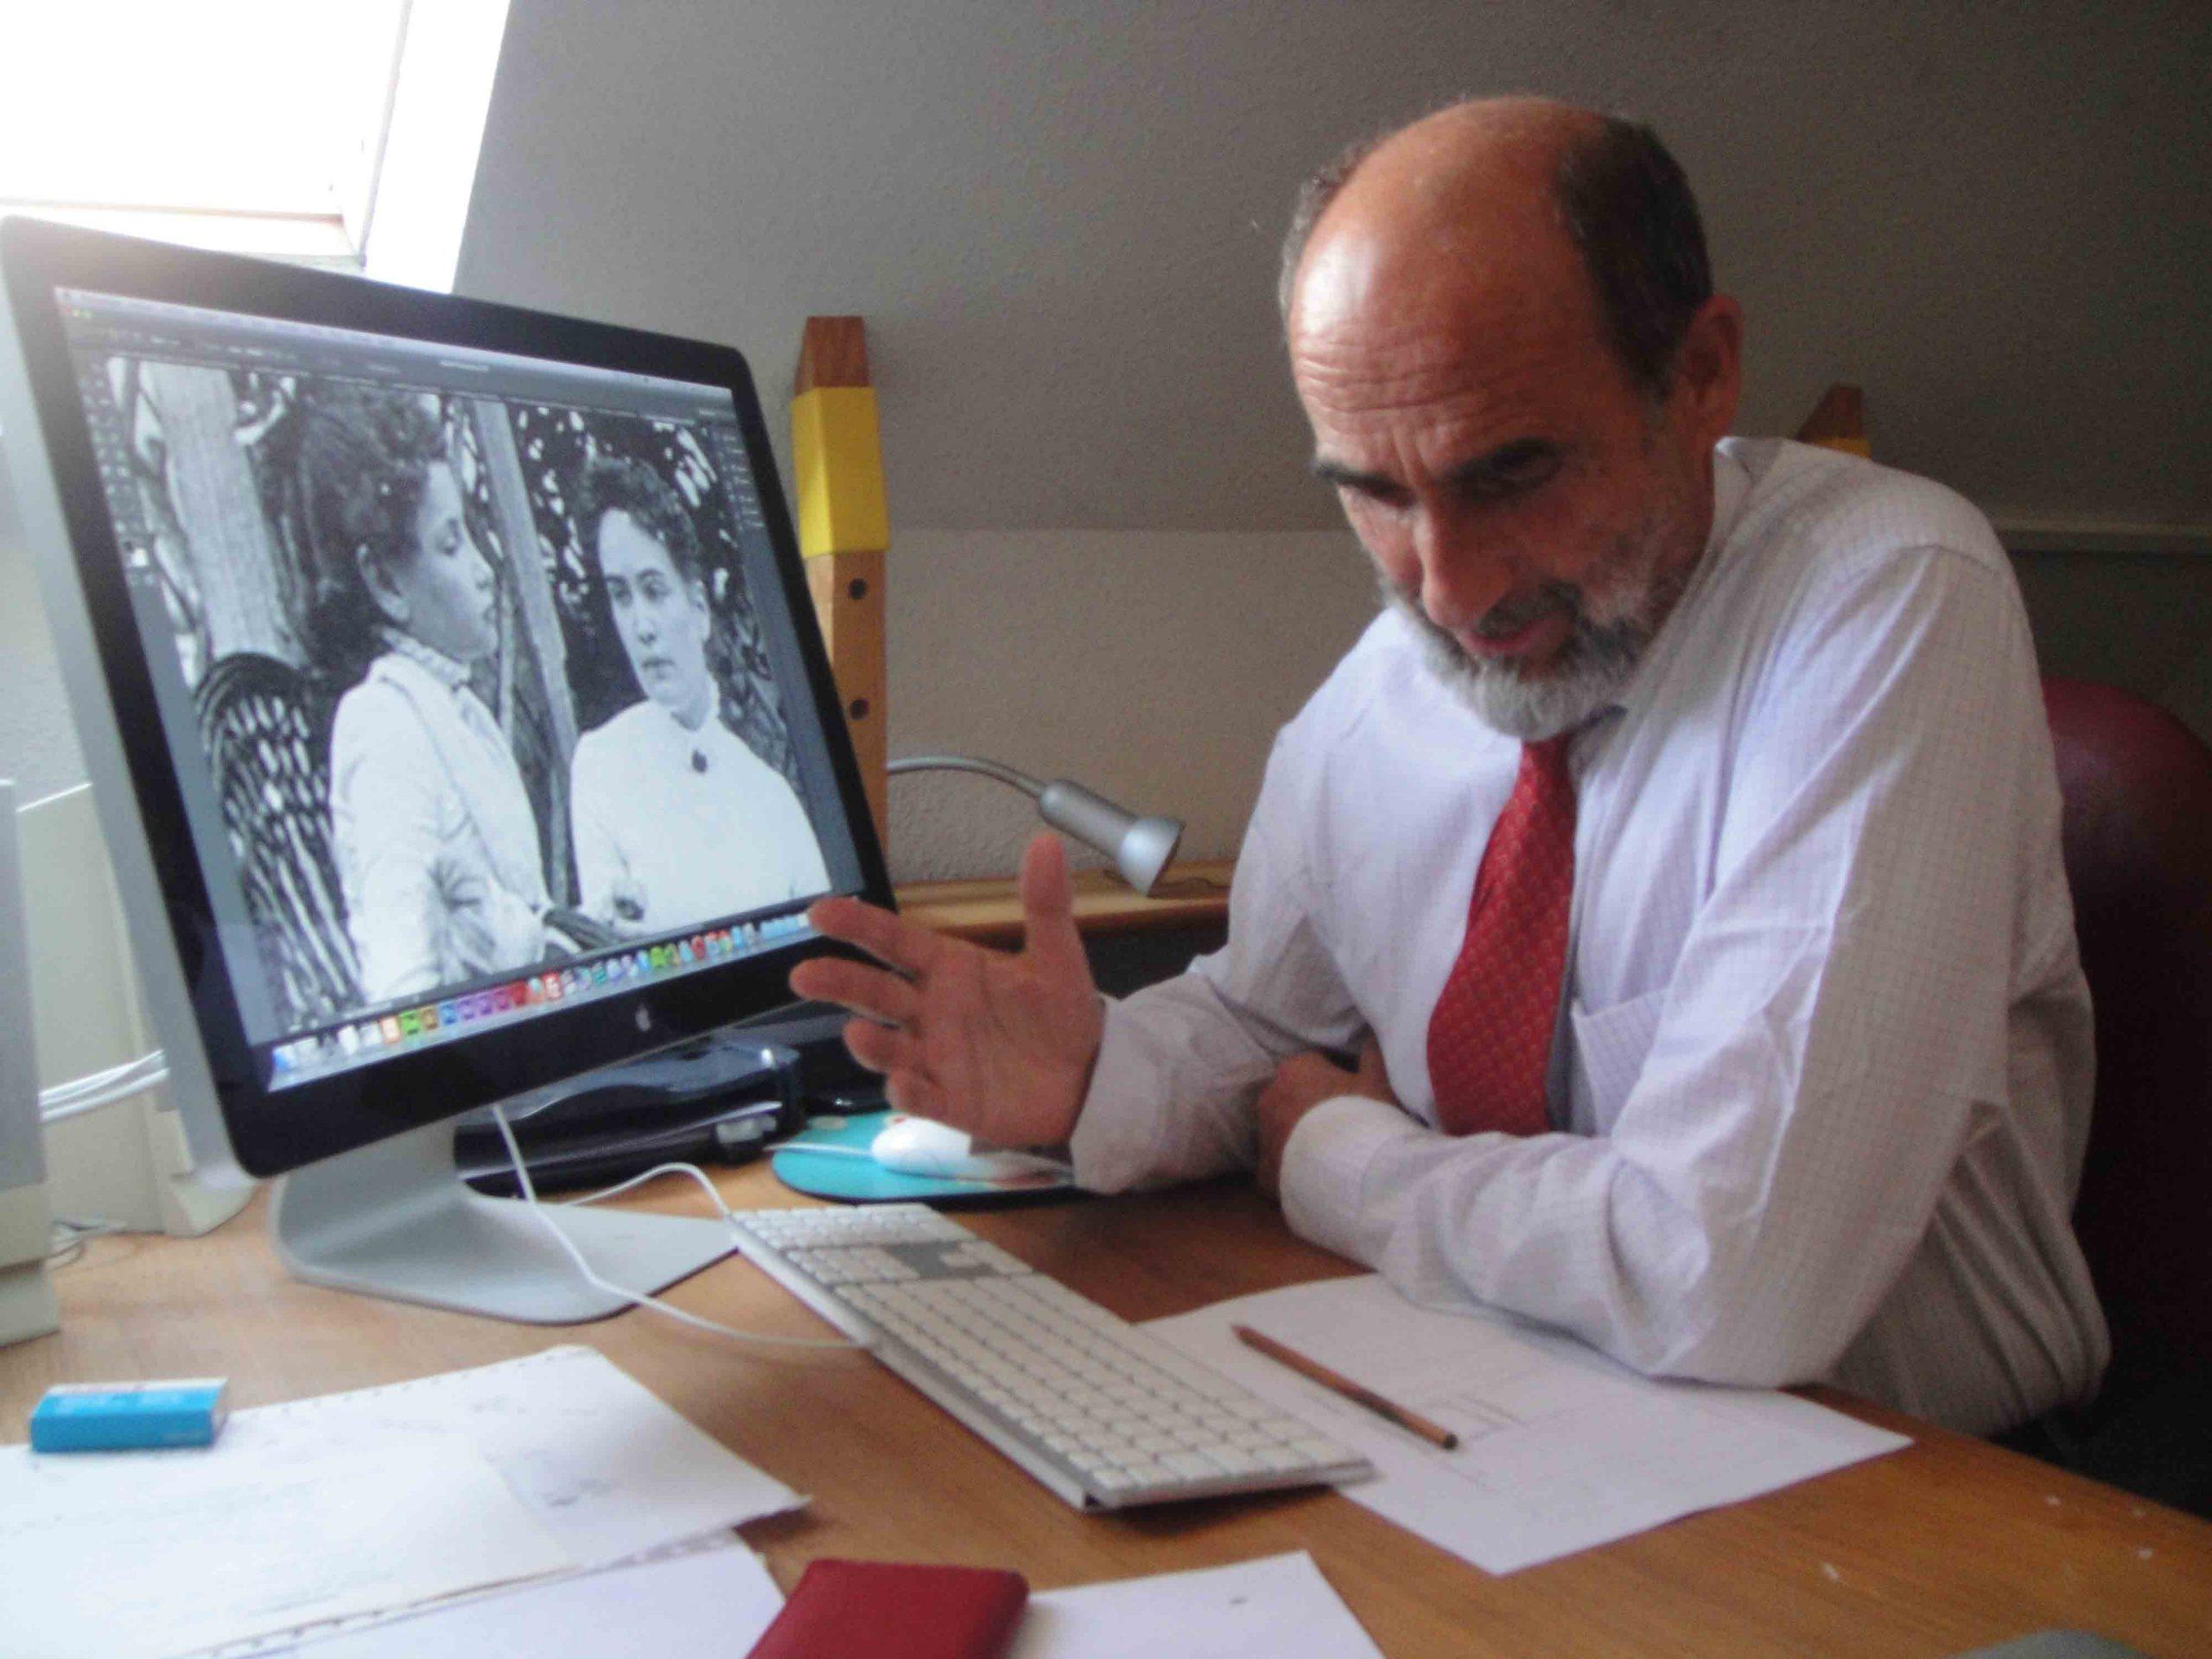 LA ENTREVISTA DEL DOCTOR PRIETO VALIENTE HA SIDO TRADUCIDA AL HEBREO